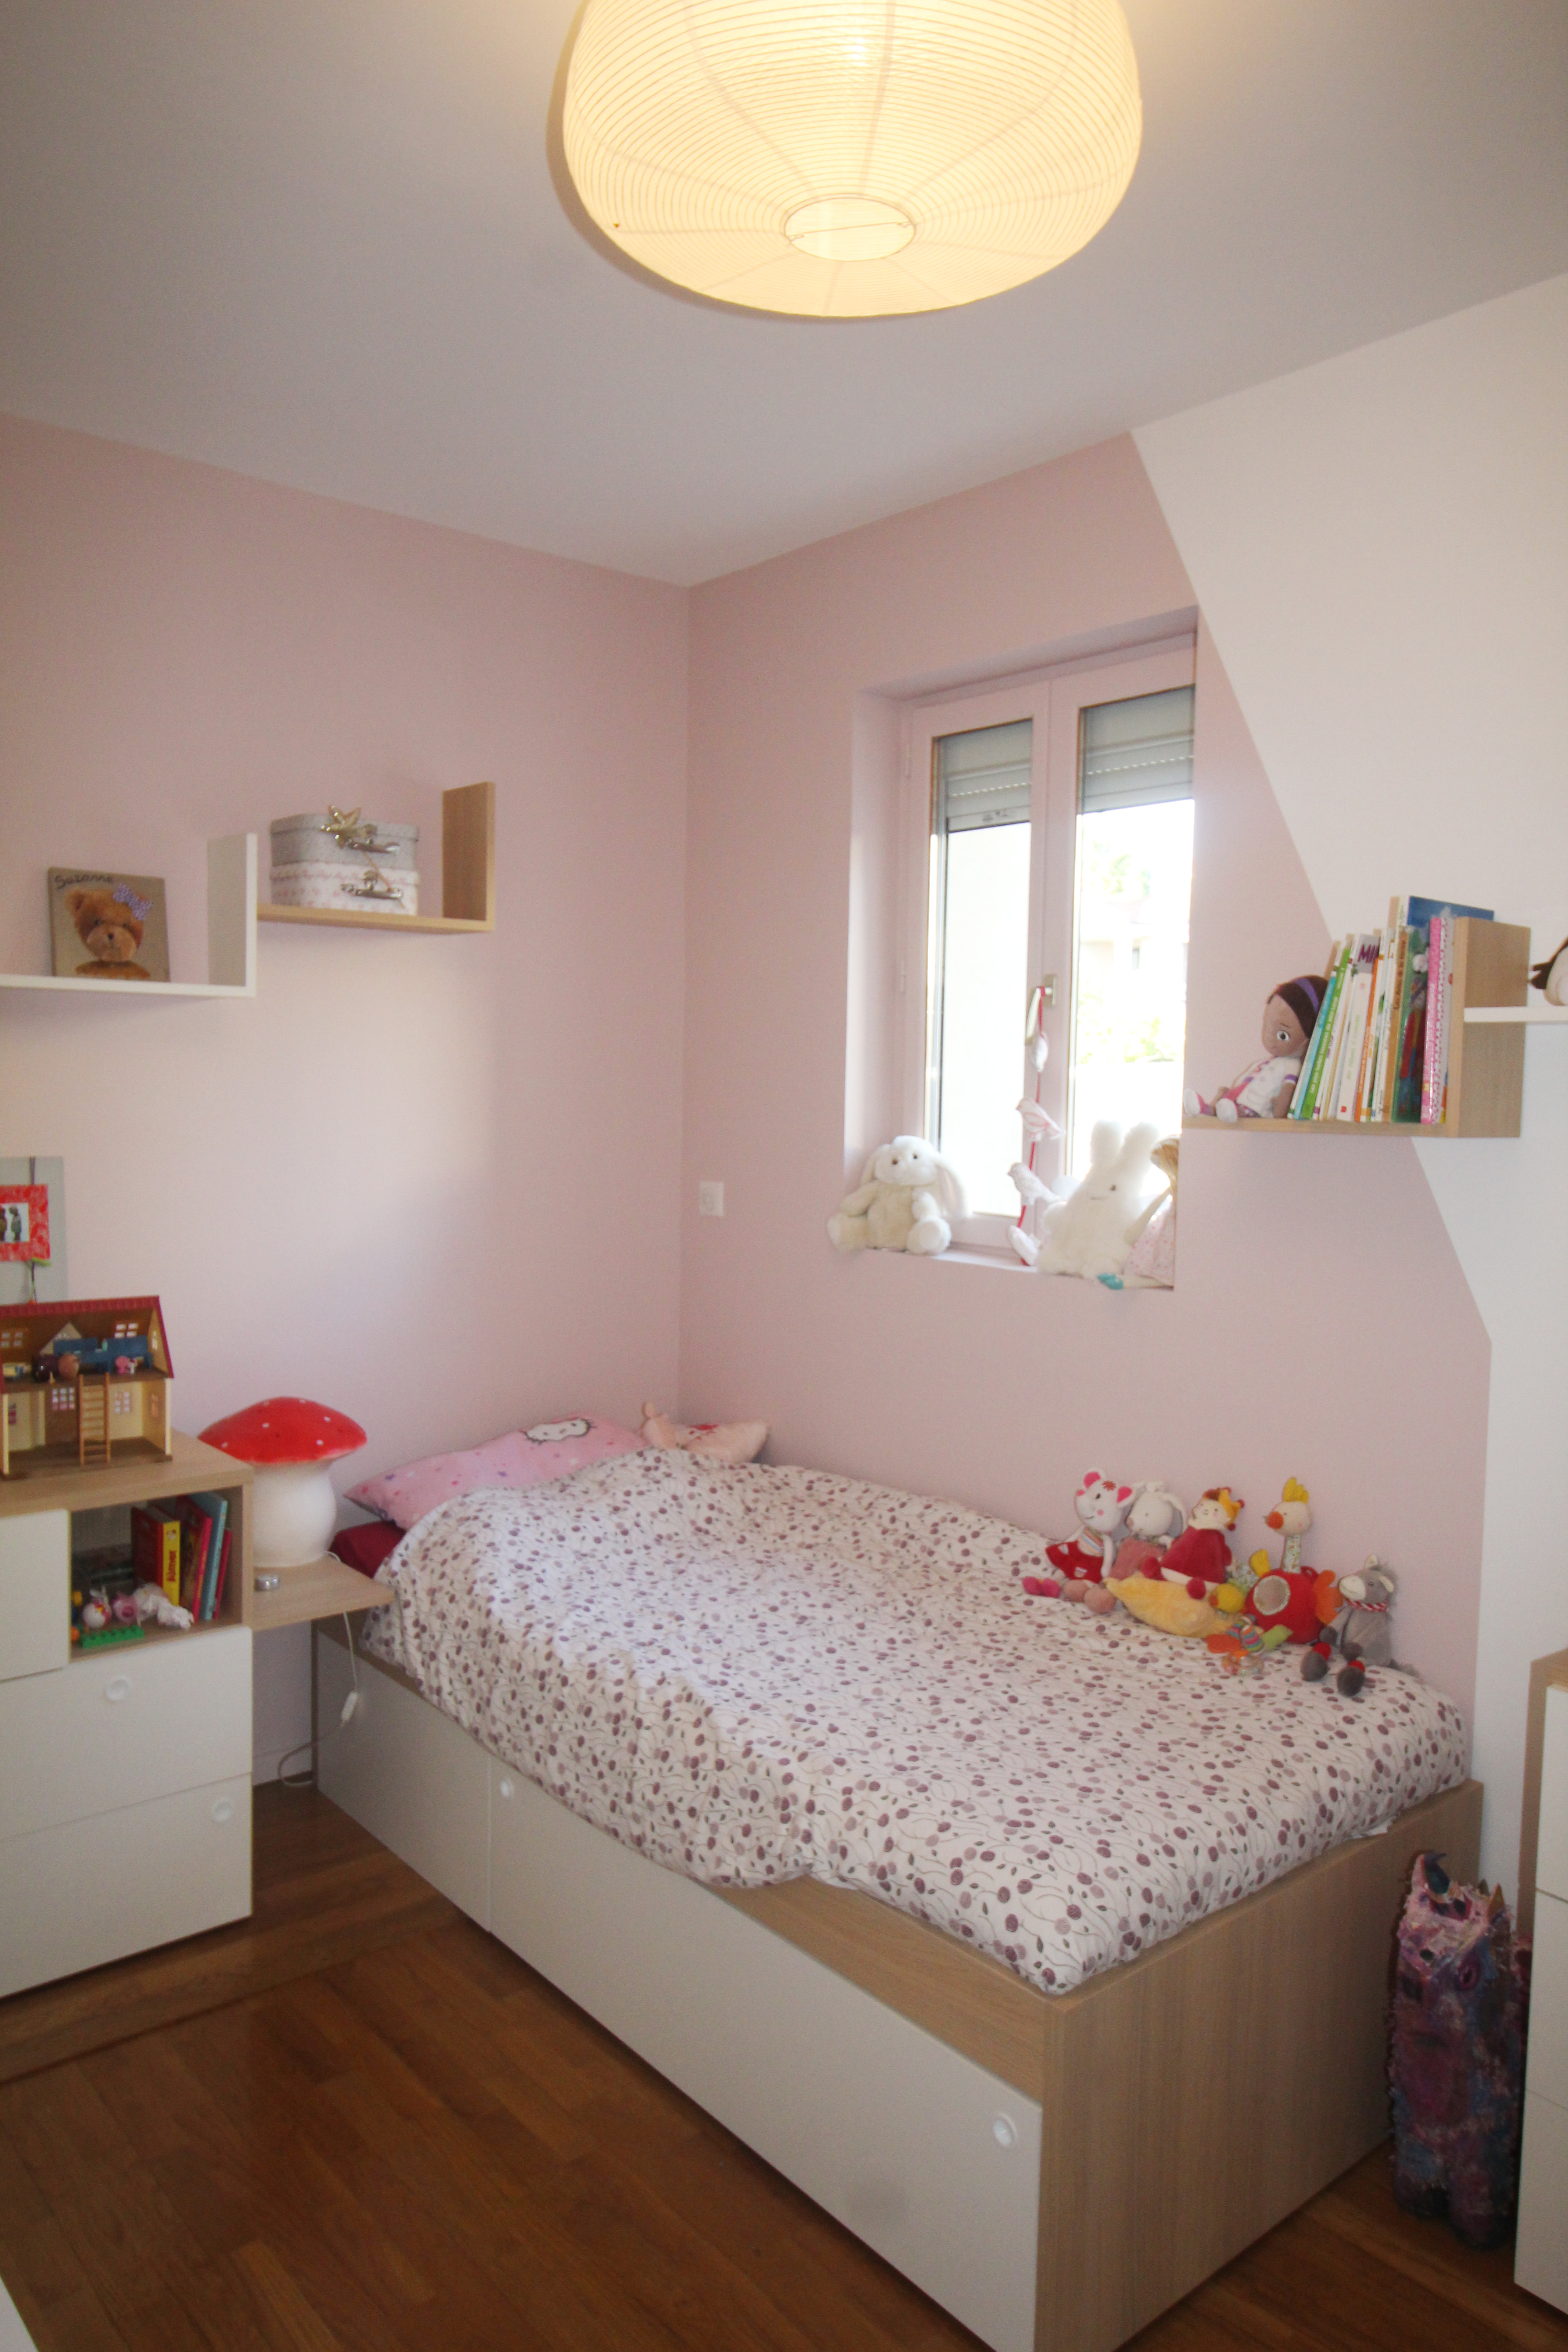 Chambre d 39 une petite fille l 39 esprit scandinave vertinea - Chambre esprit scandinave ...